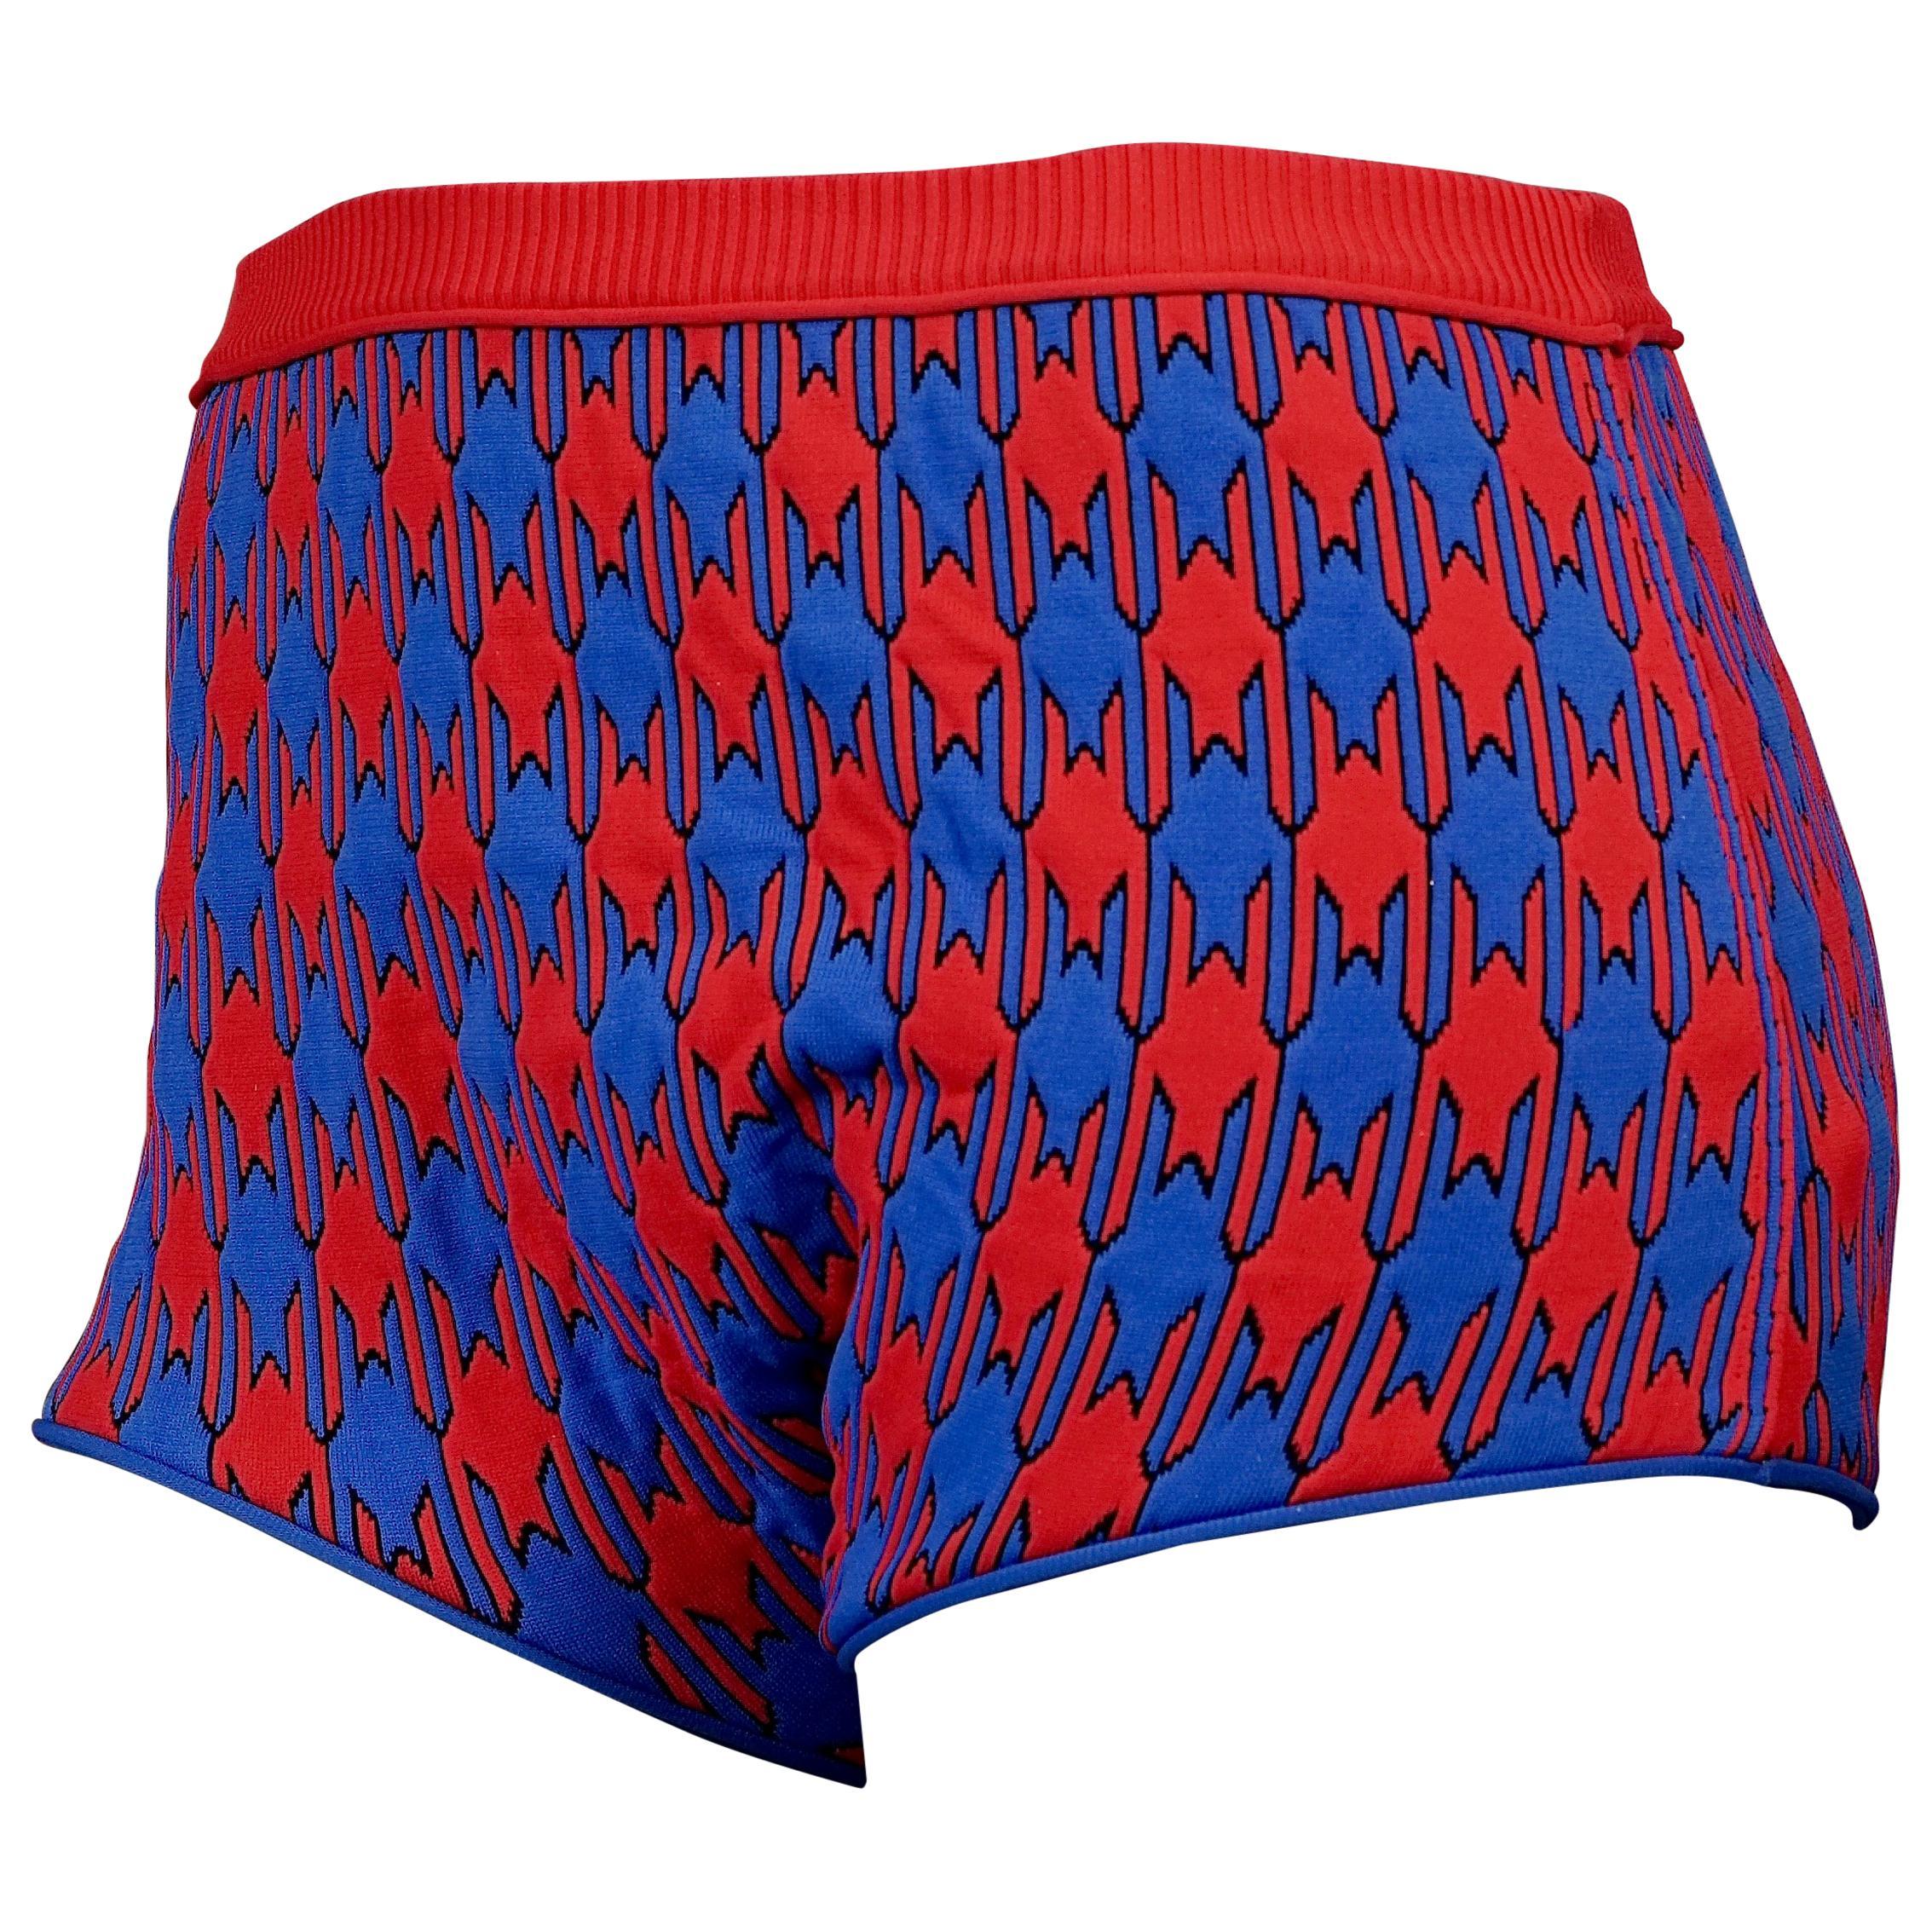 S/S 2015 CELINE Vibrant Diamond Jacquard Knit Shorts